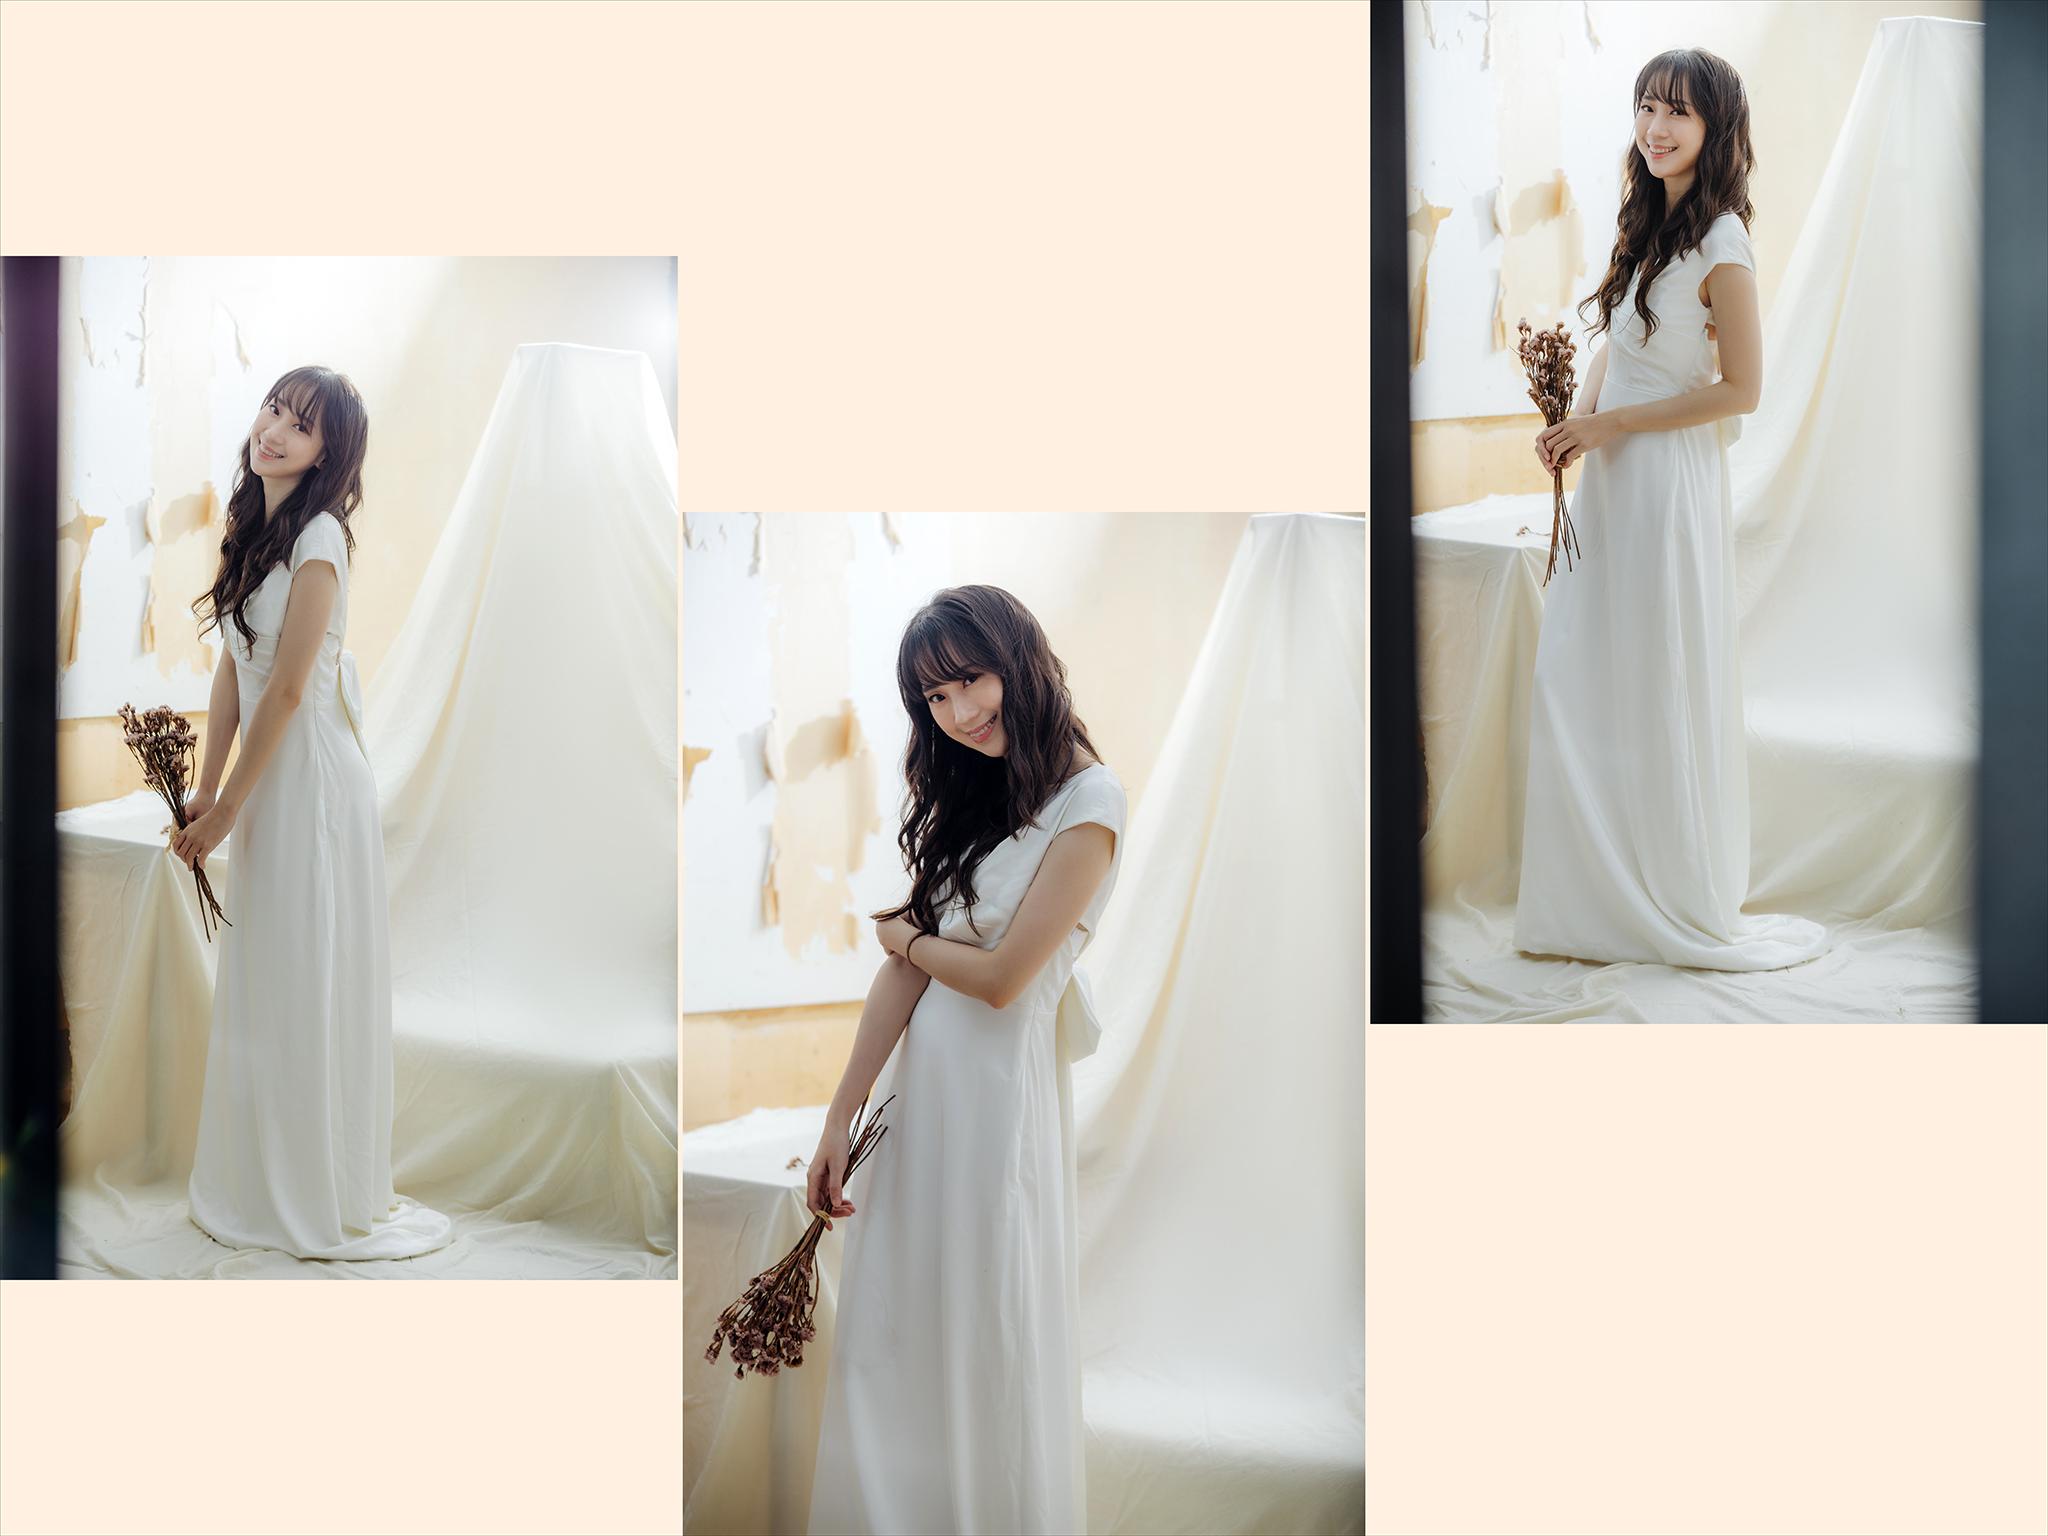 50659285058 8f07734553 o - 【自主婚紗】+Melody+